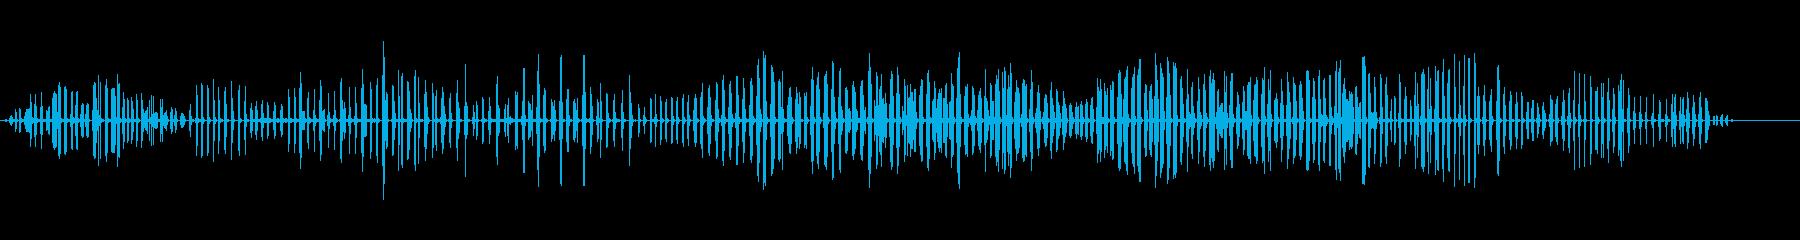 杖のウグイス-アクロセファラスシラケウスの再生済みの波形